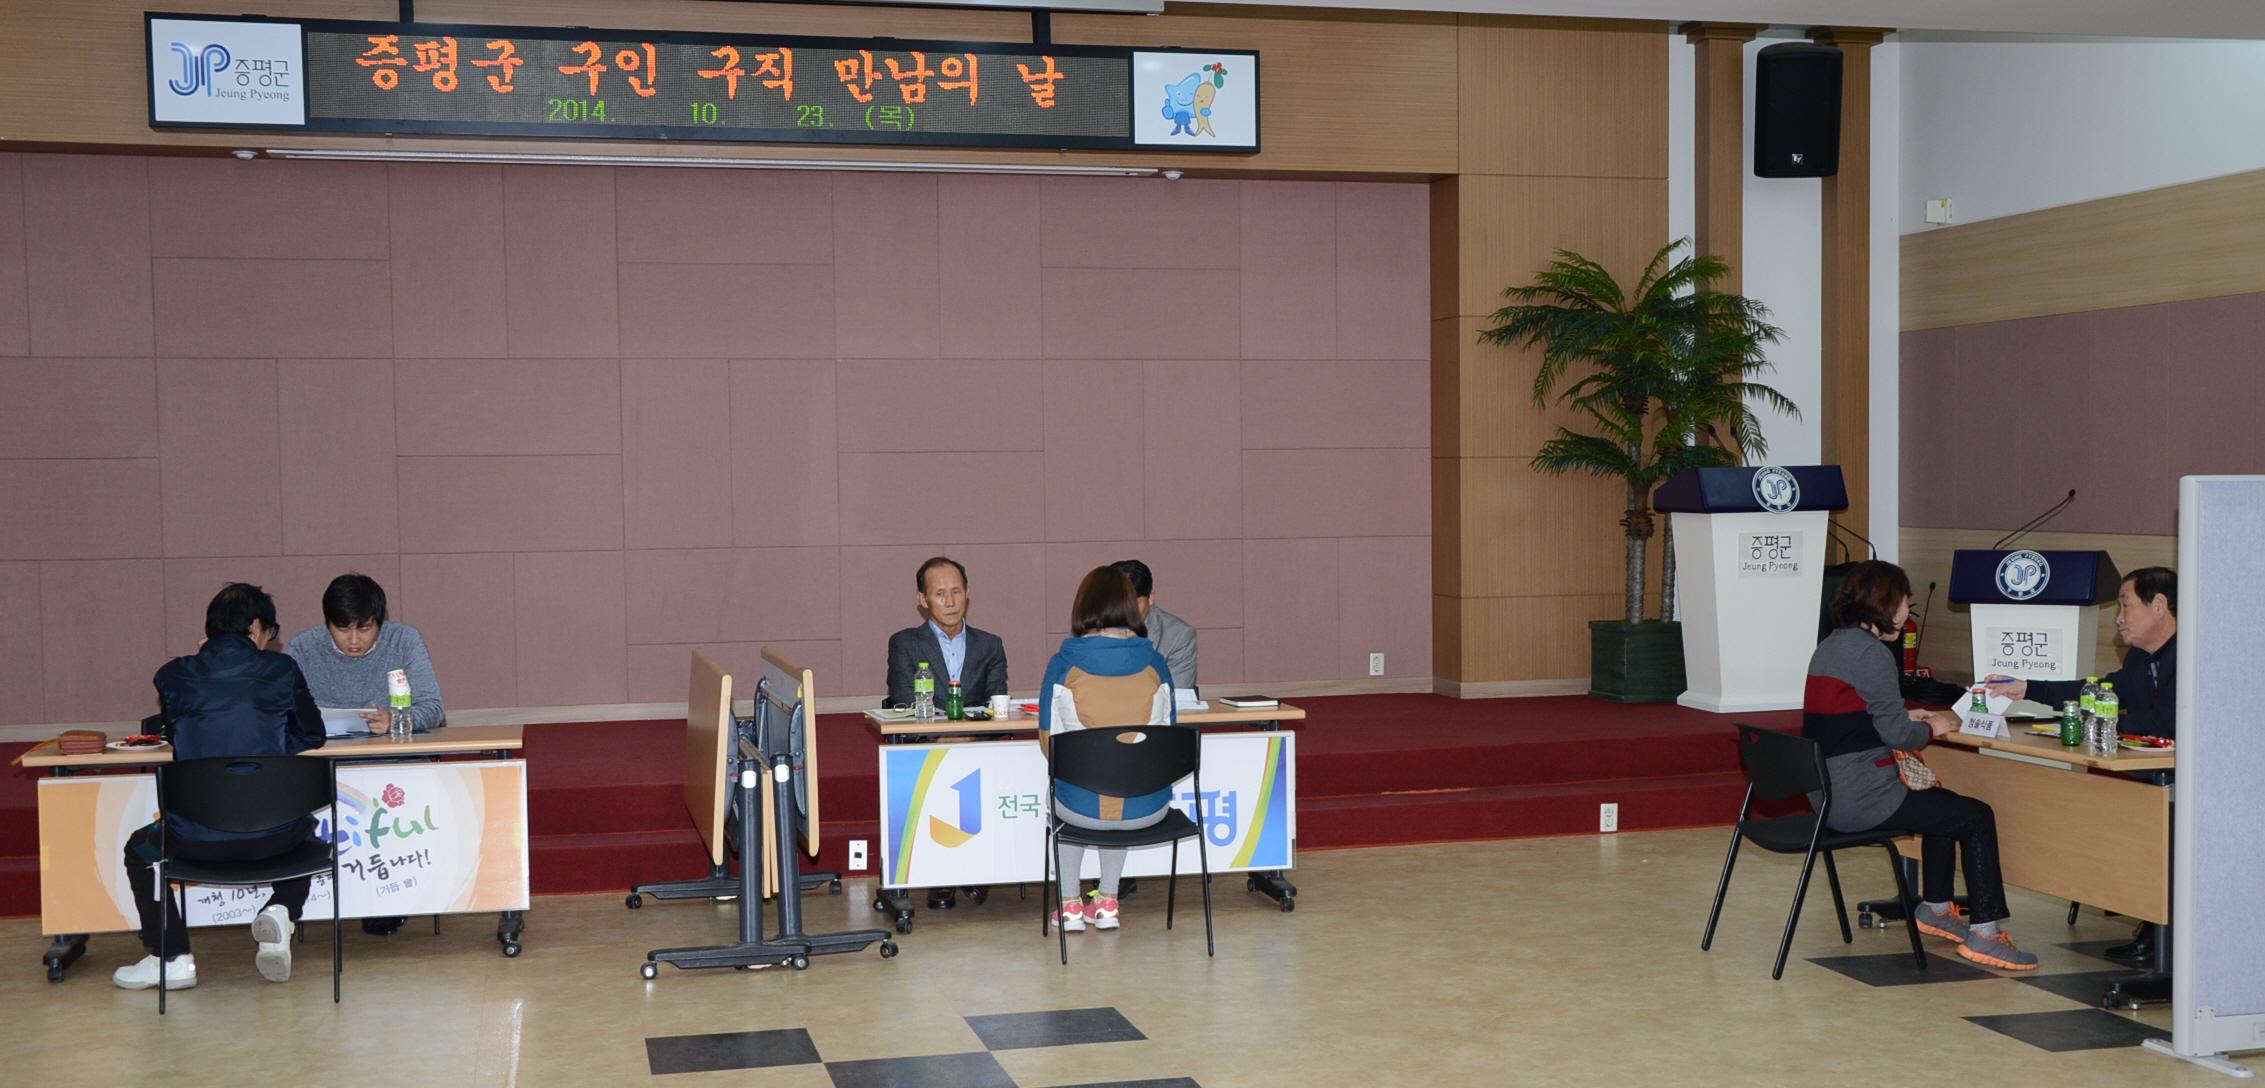 구인구직 만남의 날 행사 개최 [이미지]